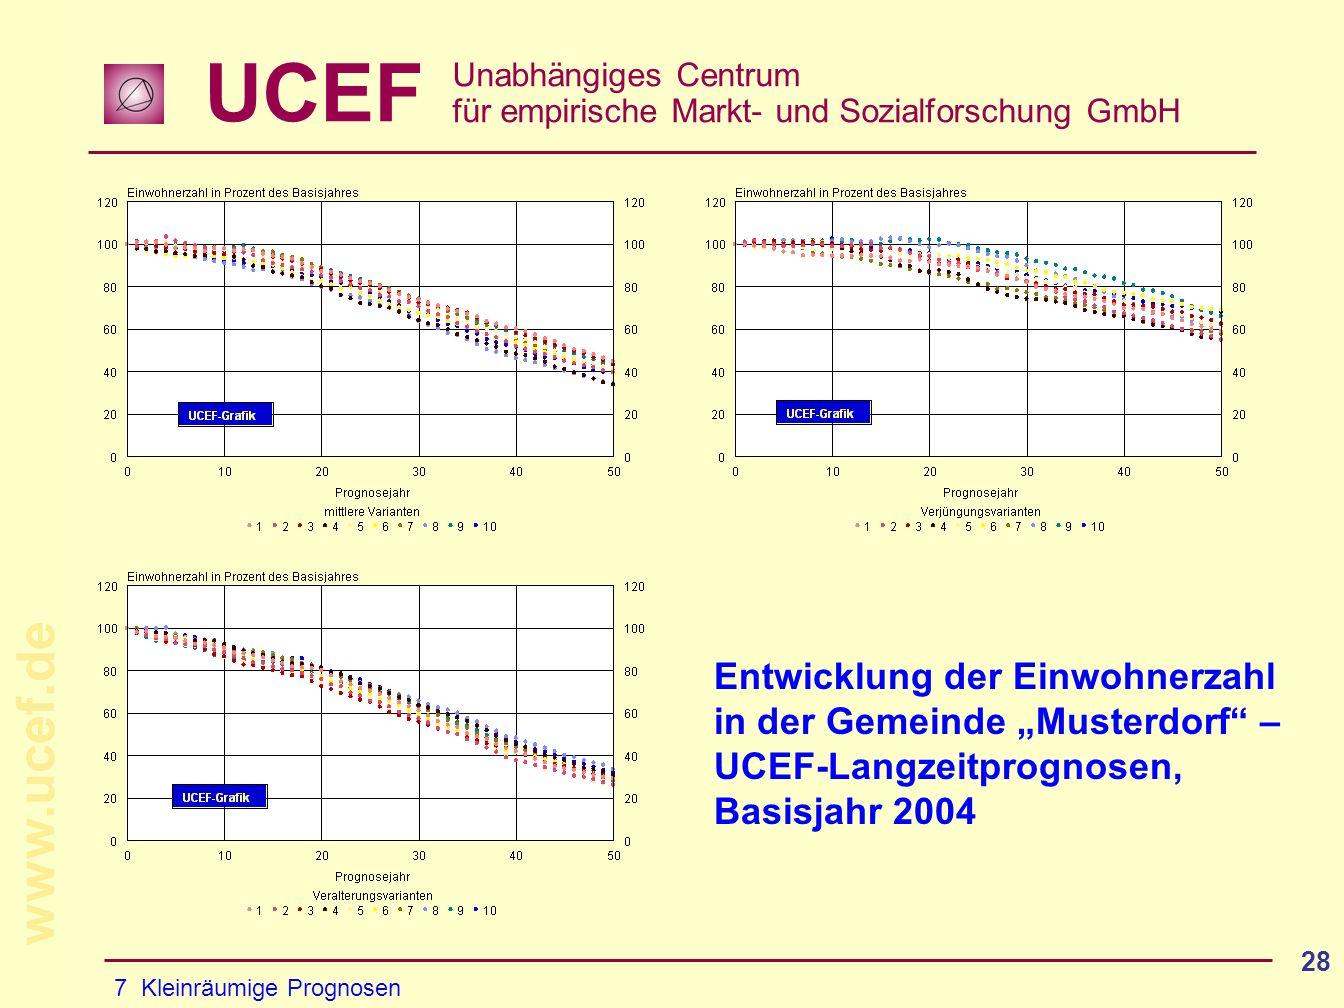 UCEF Unabhängiges Centrum für empirische Markt- und Sozialforschung GmbH www.ucef.de 28 7 Kleinräumige Prognosen Entwicklung der Einwohnerzahl in der Gemeinde Musterdorf – UCEF-Langzeitprognosen, Basisjahr 2004